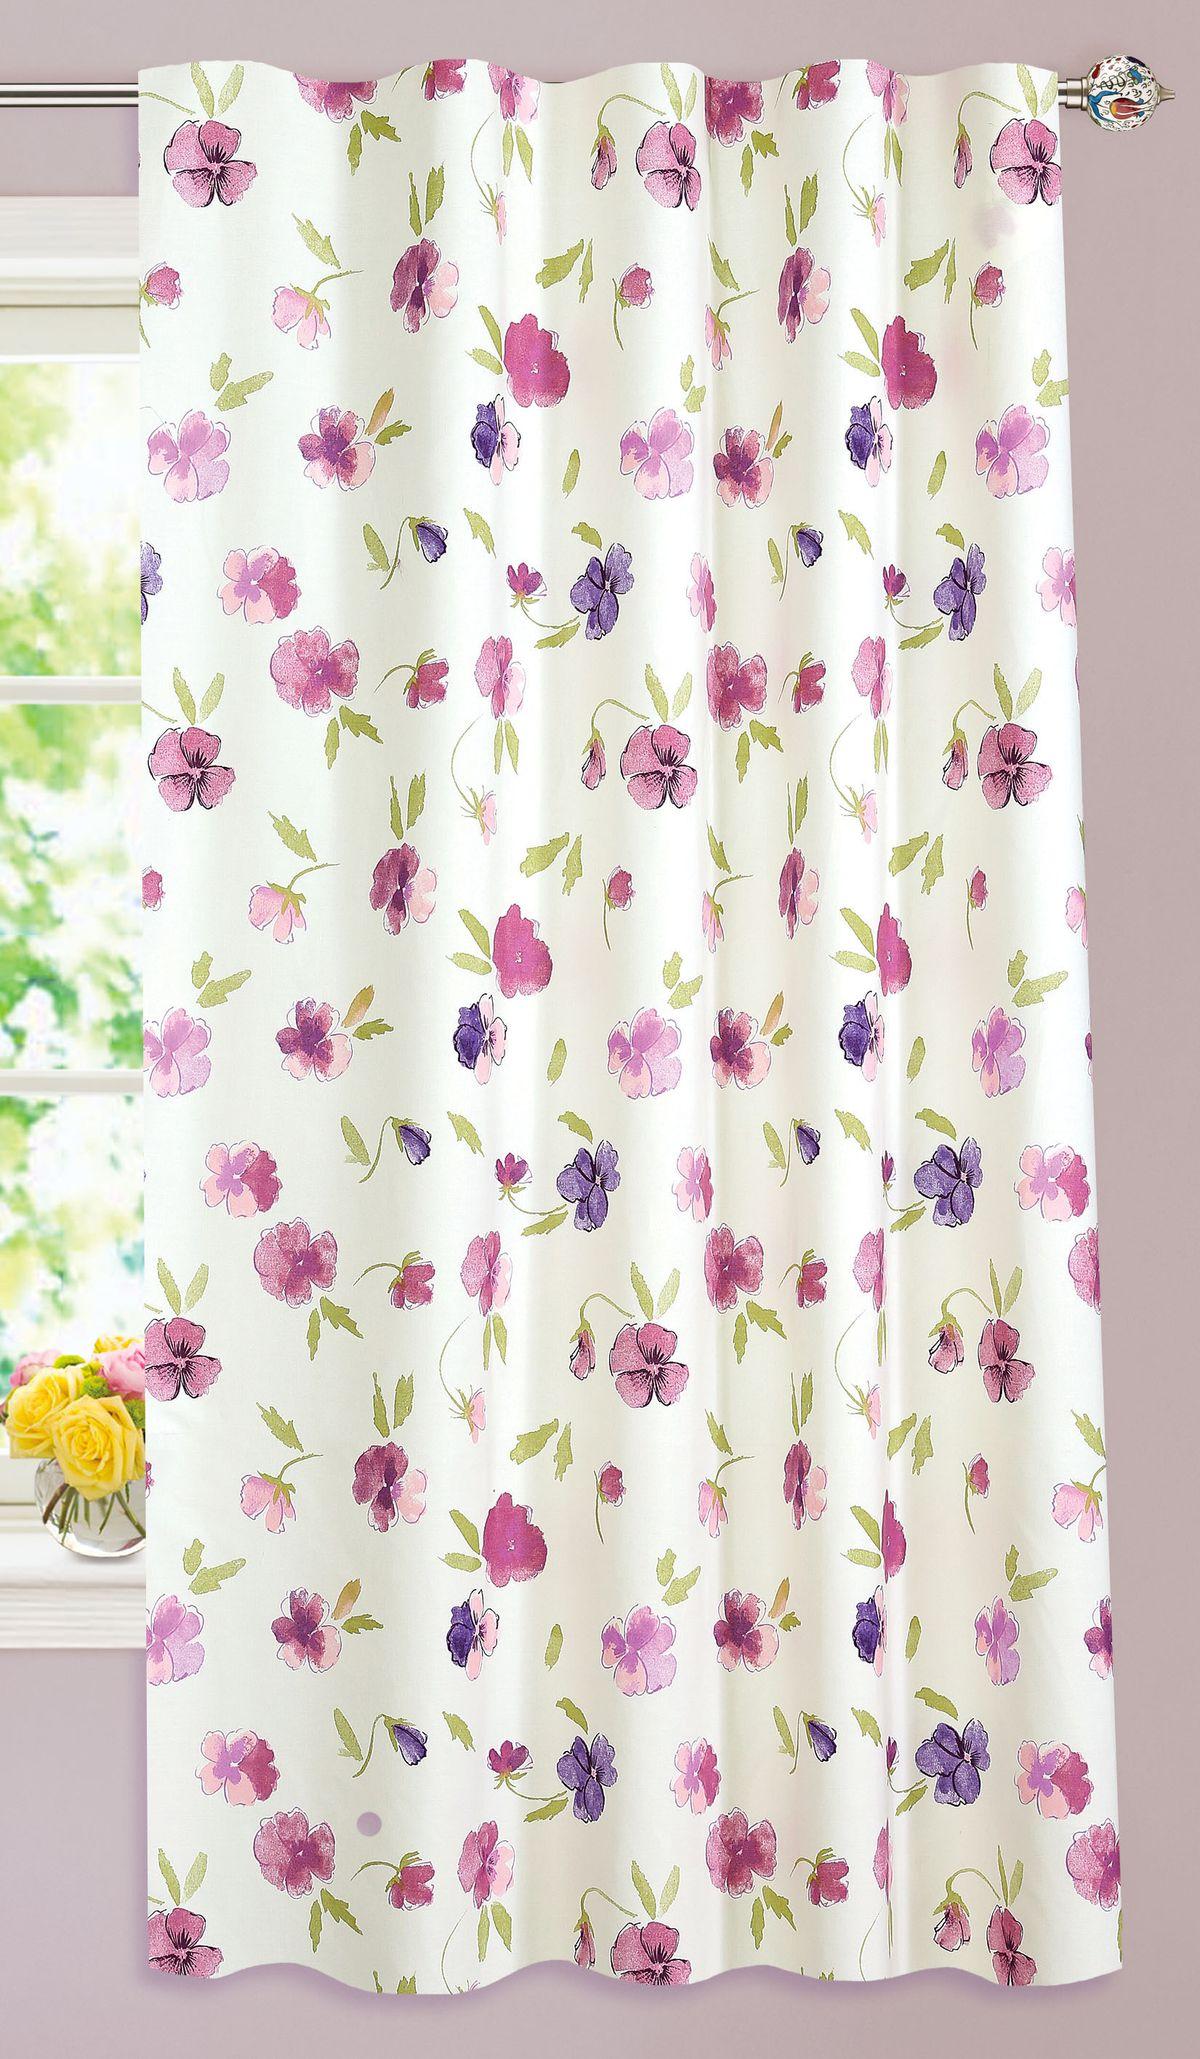 Штора Garden, на ленте, цвет: розовый, высота 180 см. С 10292 - W1687 V22С 10292 - W1687 V22Изящная штора Garden выполнена из ткани с оригинальной структурой. Приятная текстура и цвет штор привлекут к себе внимание и органично впишутся в интерьер помещения. Штора крепится на карниз при помощи ленты, которая поможет красиво и равномерно задрапировать верх.